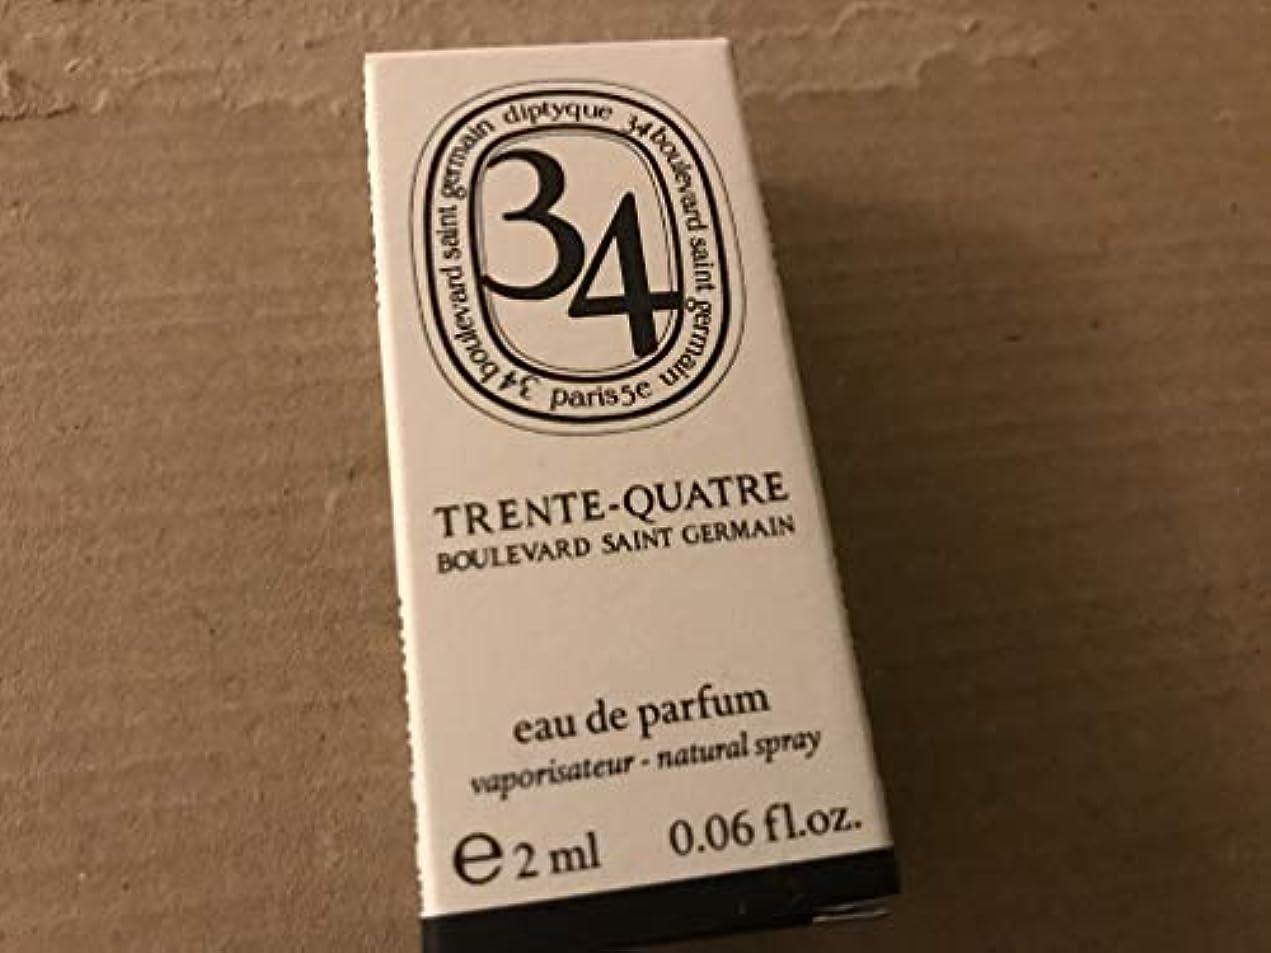 オプショナル課税贅沢なDiptyque - 34 Trente-Quatre (ディプティック 34 トレンテークワトレ) 0.06 oz (2ml) EDP Spray Sample サンプル